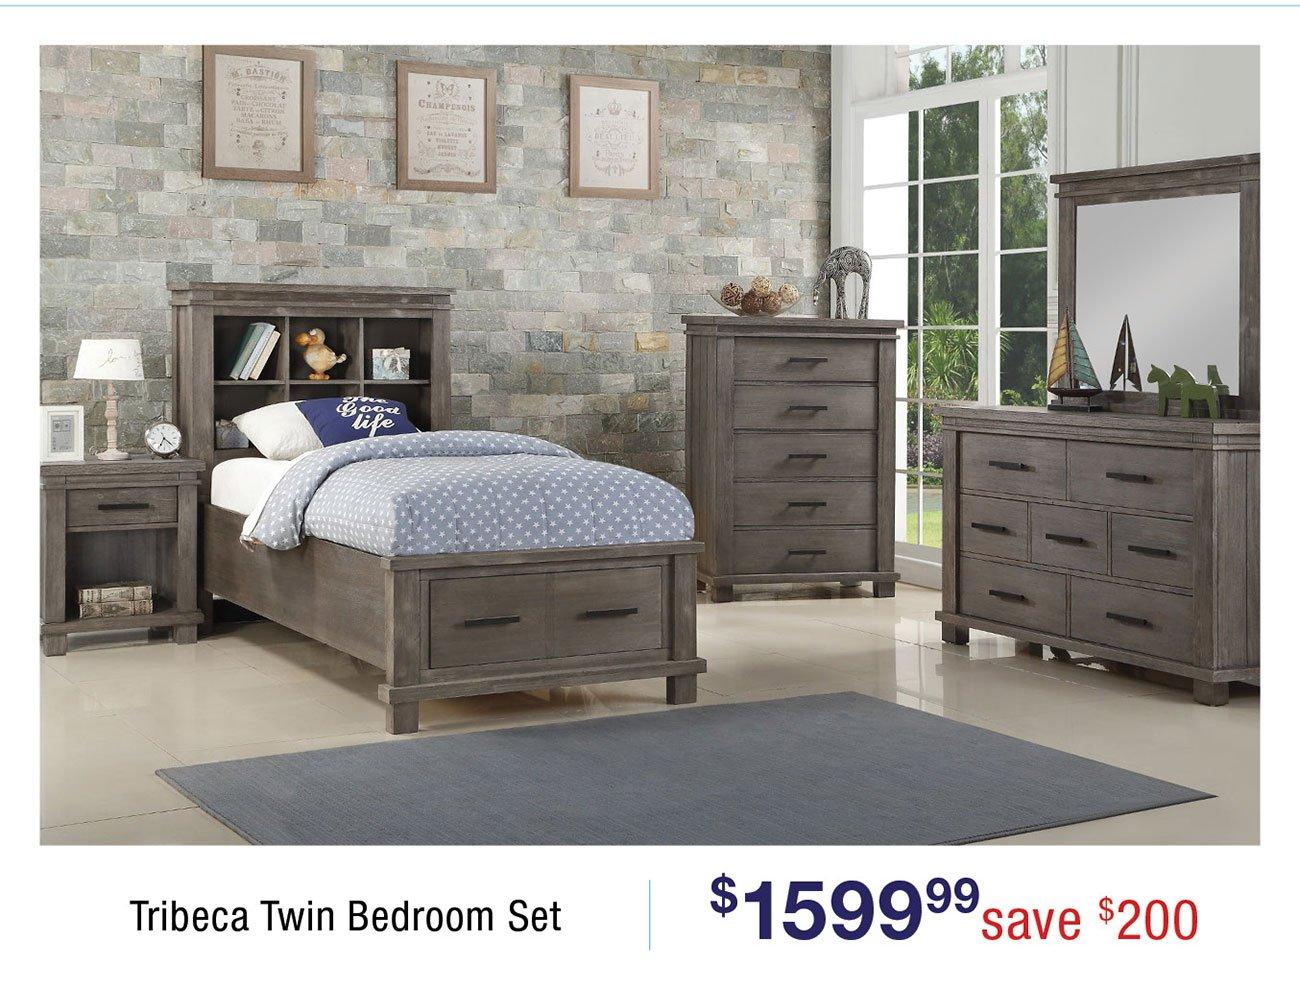 Tribeca-twin-bedroom-set